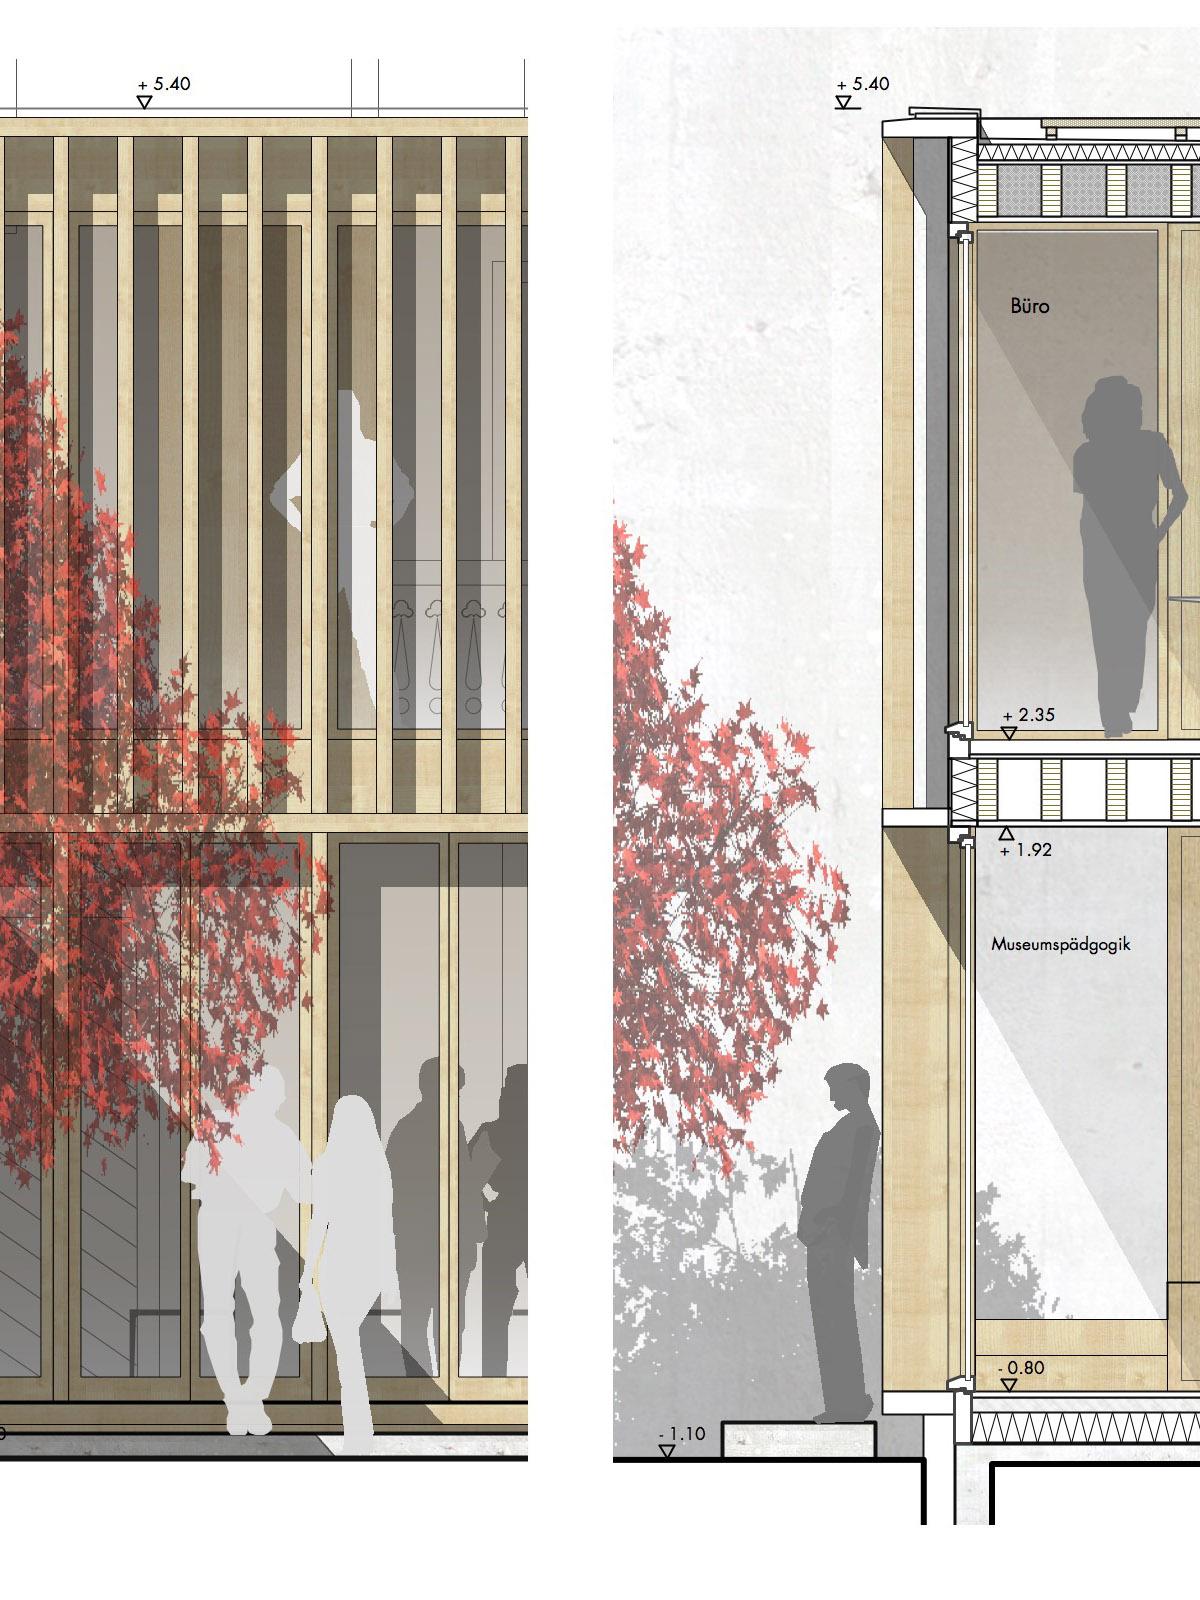 Detail-Wettbewerb-Werdenfels-Museum-Garmisch-Partenkirchen-3.Preis-2013-© Friedrich-Poerschke-Zwink-Architekten